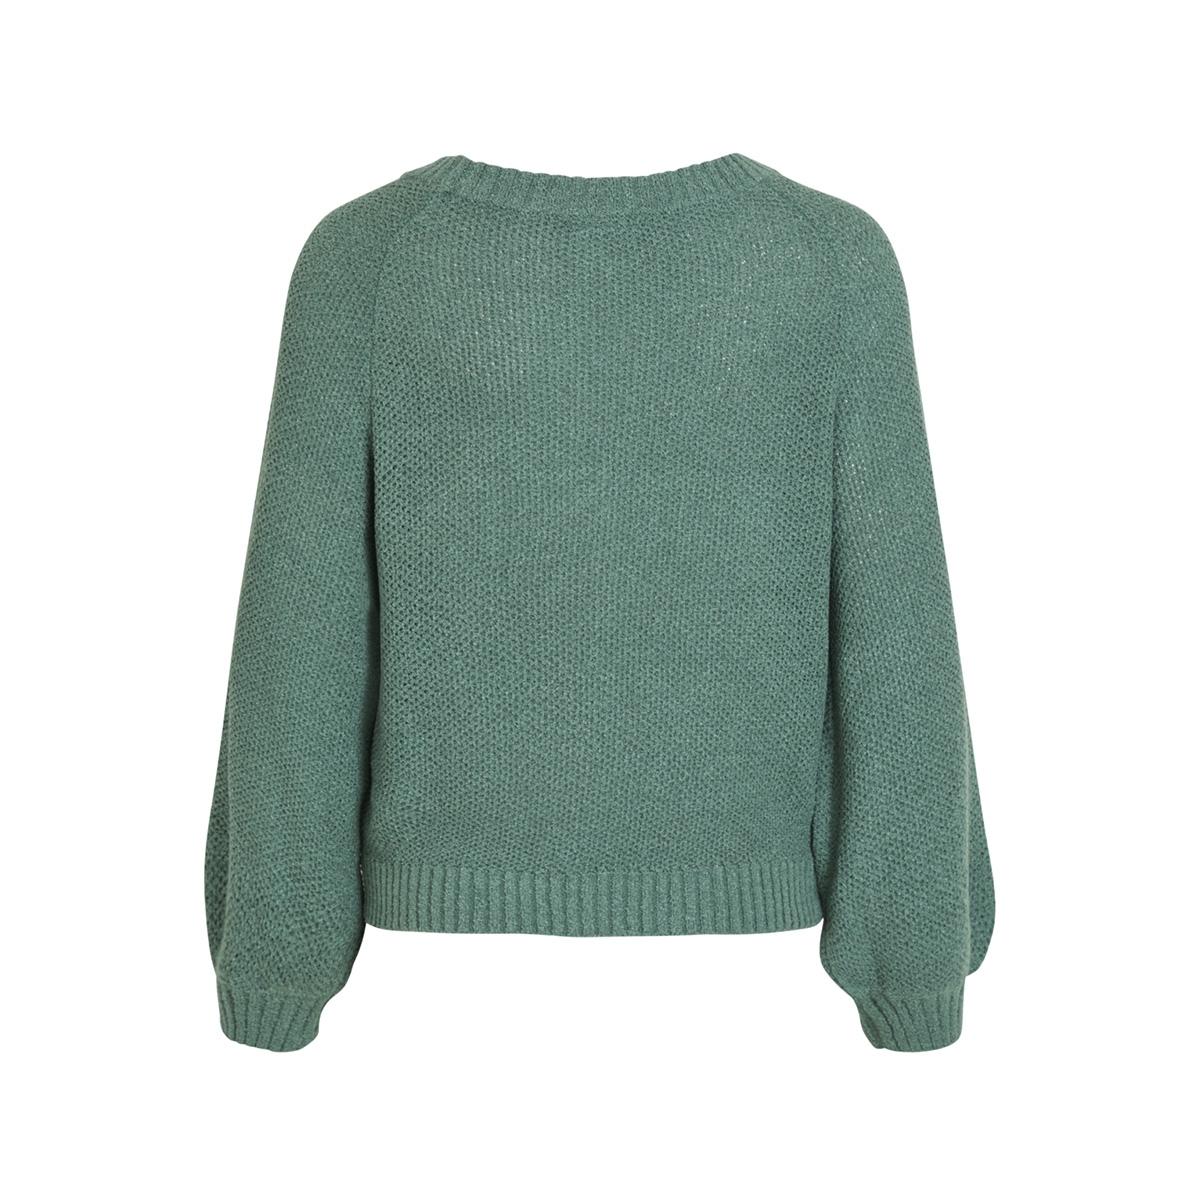 objkatri l/s knit pullover 101 23028738 object trui blue spruce